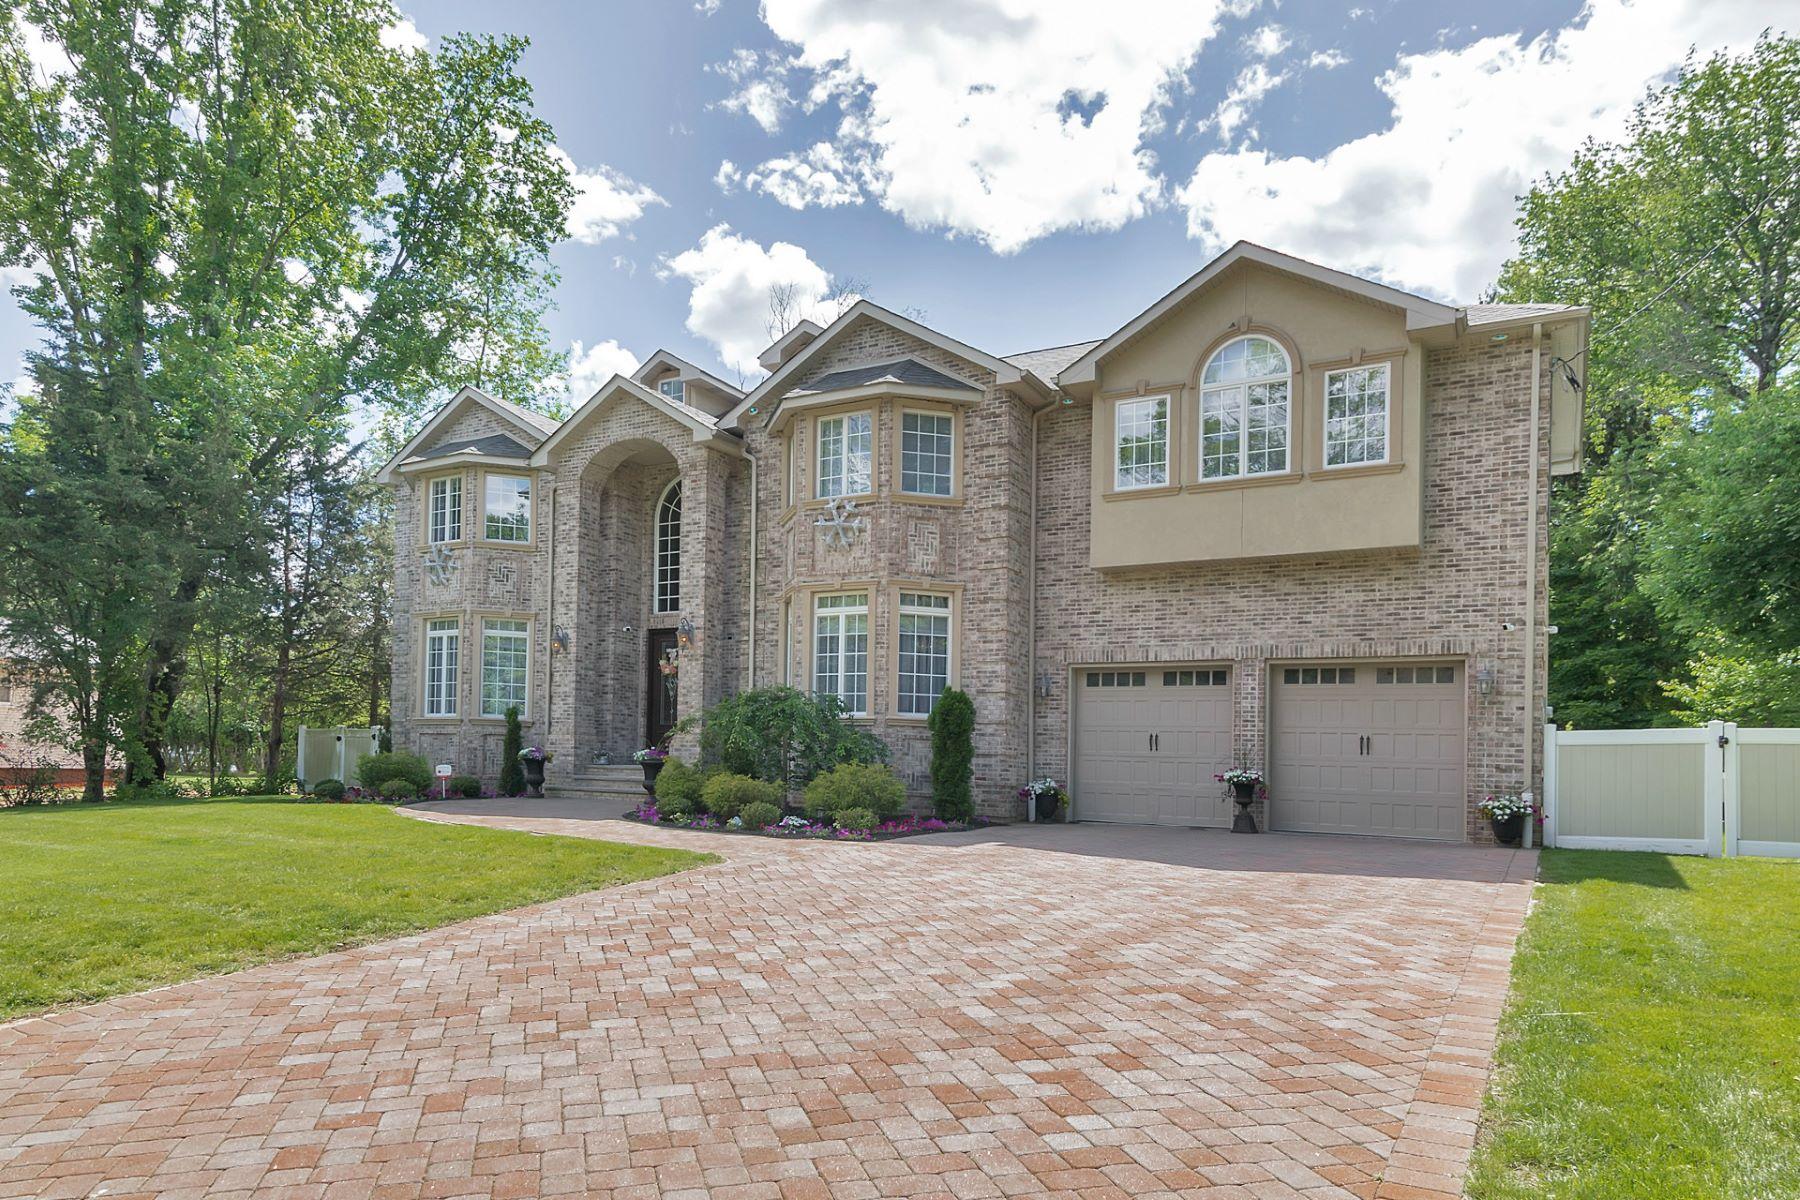 단독 가정 주택 용 매매 에 Beautiful Custom Colonial 78 Highland Avenue Harrington Park, 뉴저지, 07640 미국